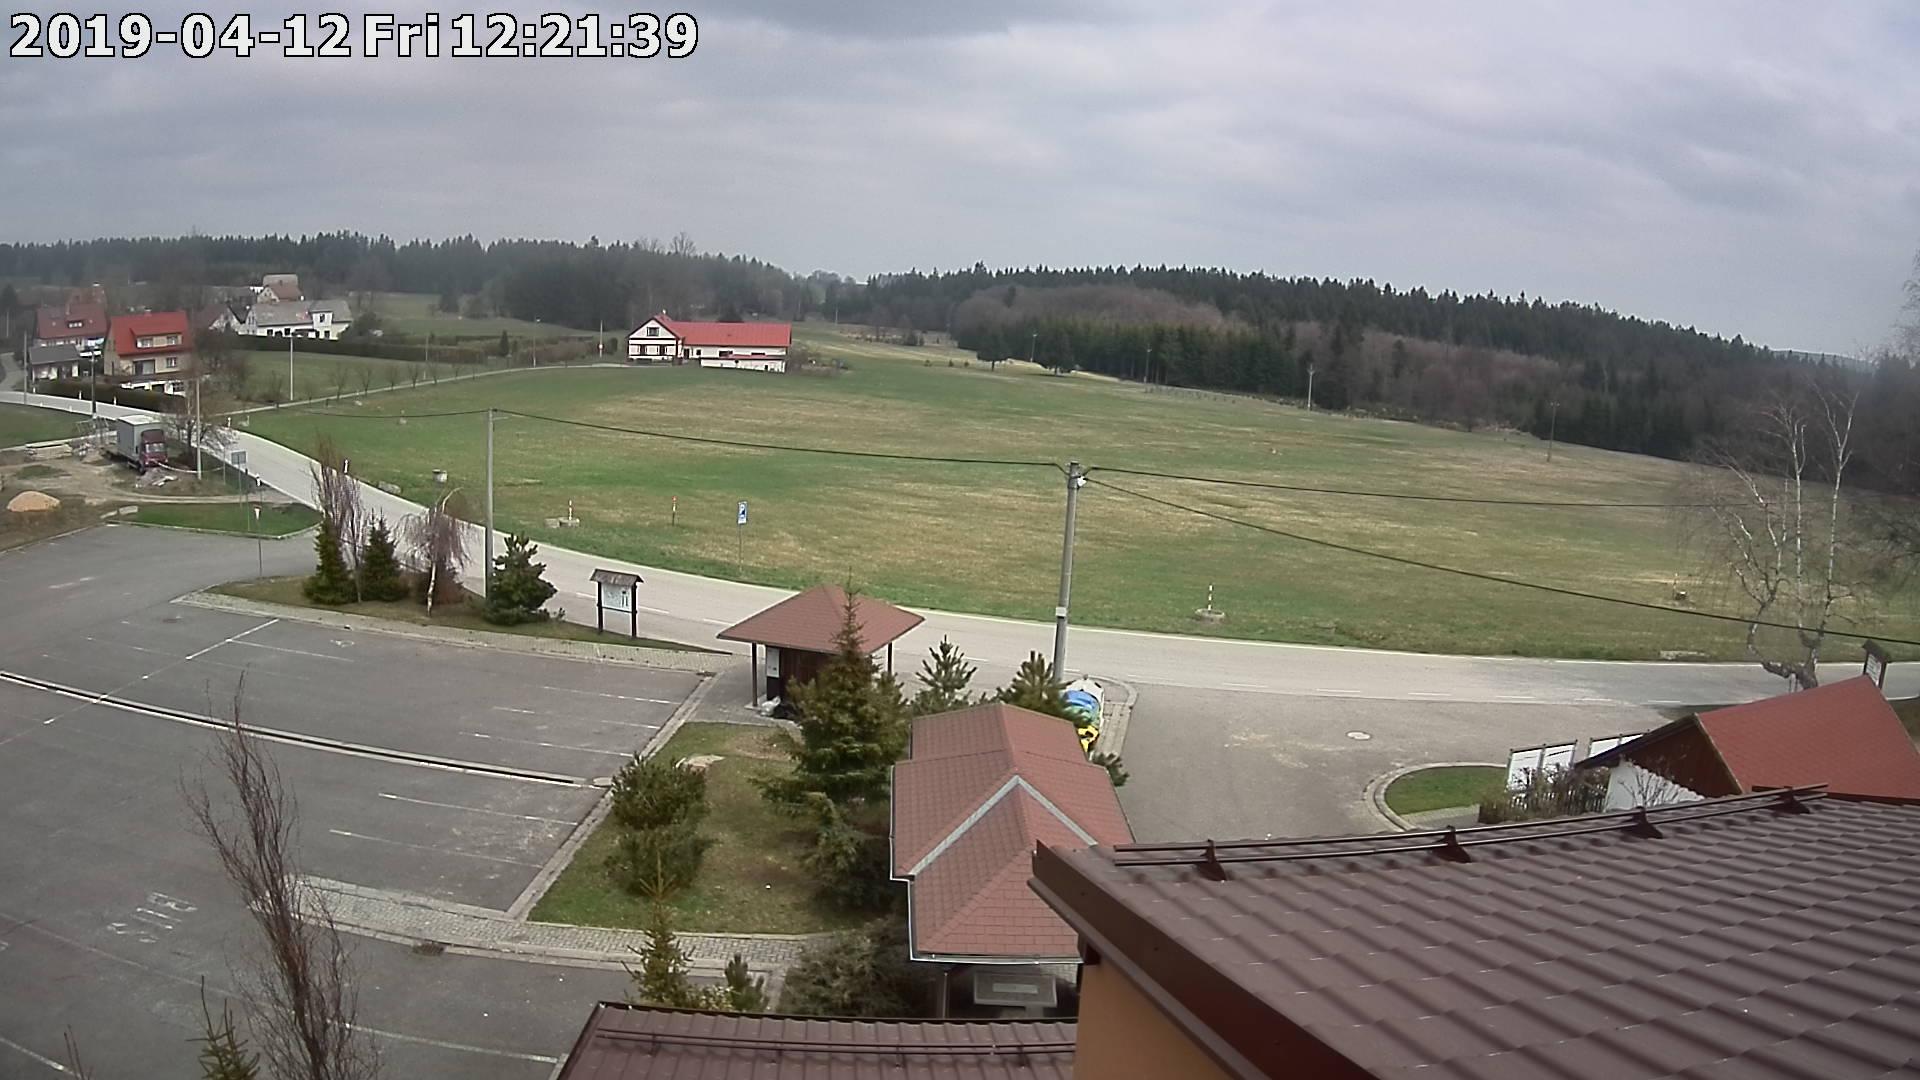 Webkamera ze dne 2019-04-12